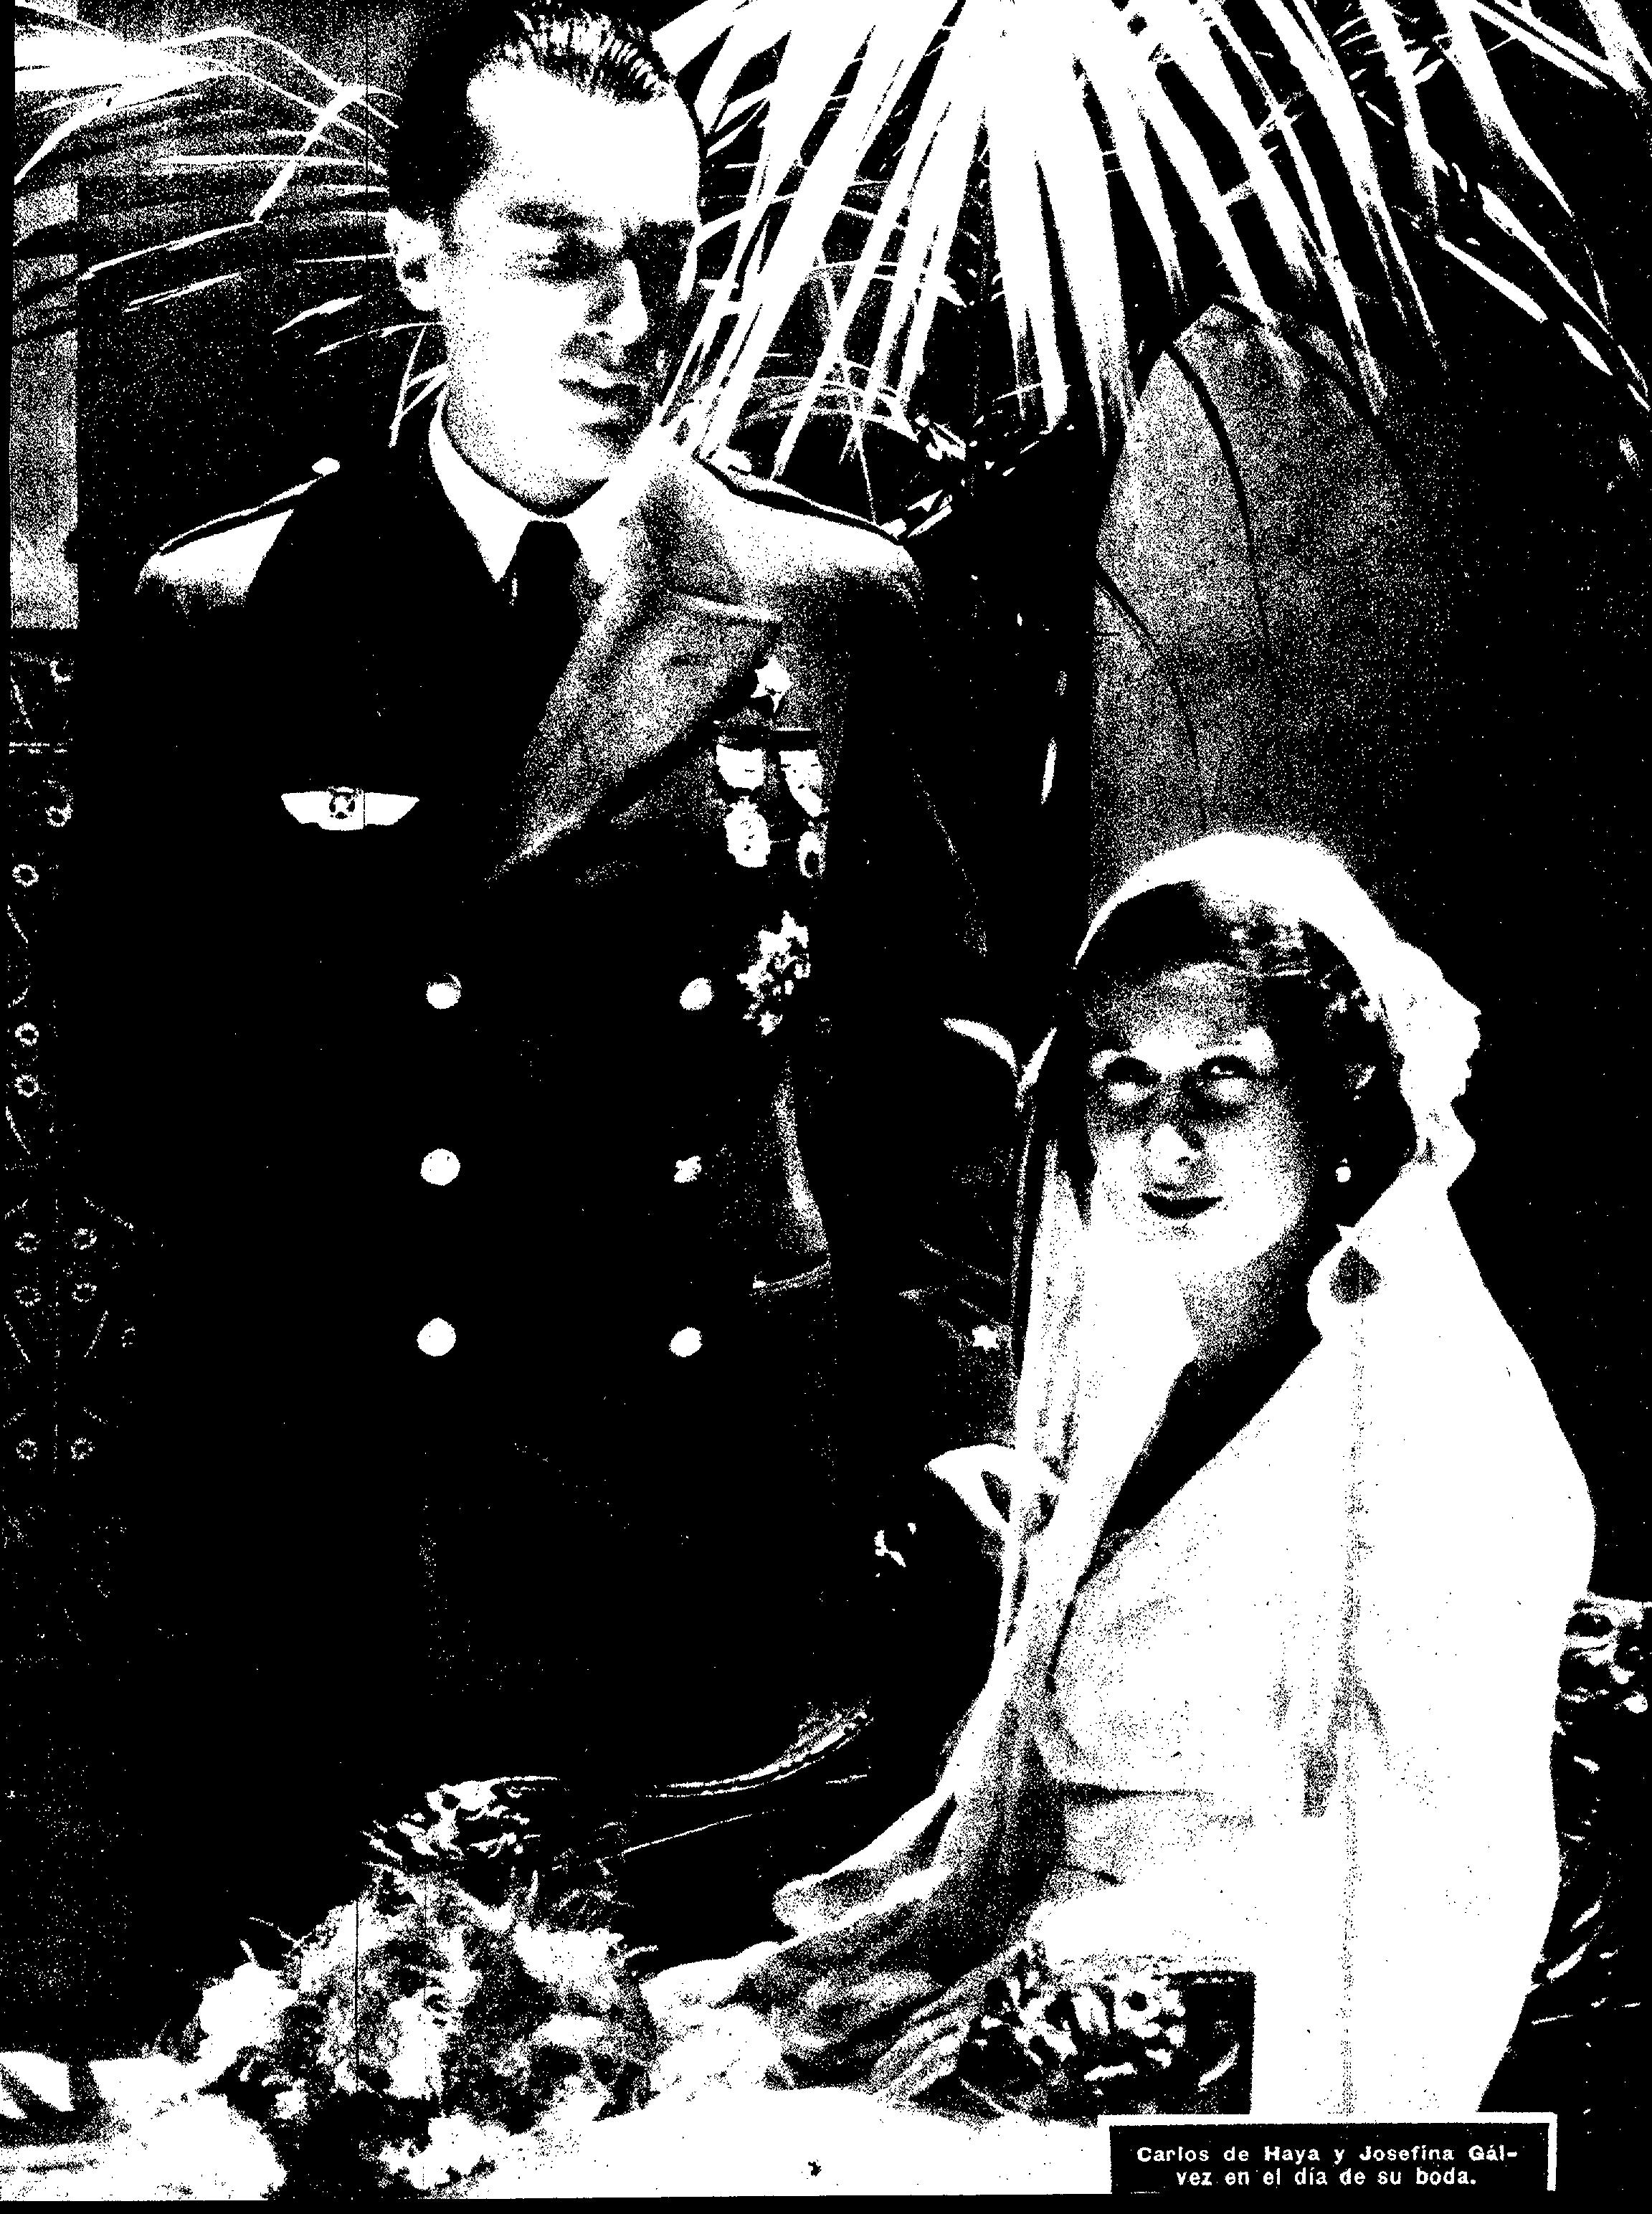 Histórica imagen de la boda de Carlos de Haya y Josefina Gálvez, celebrada el 16 de julio de 1932.